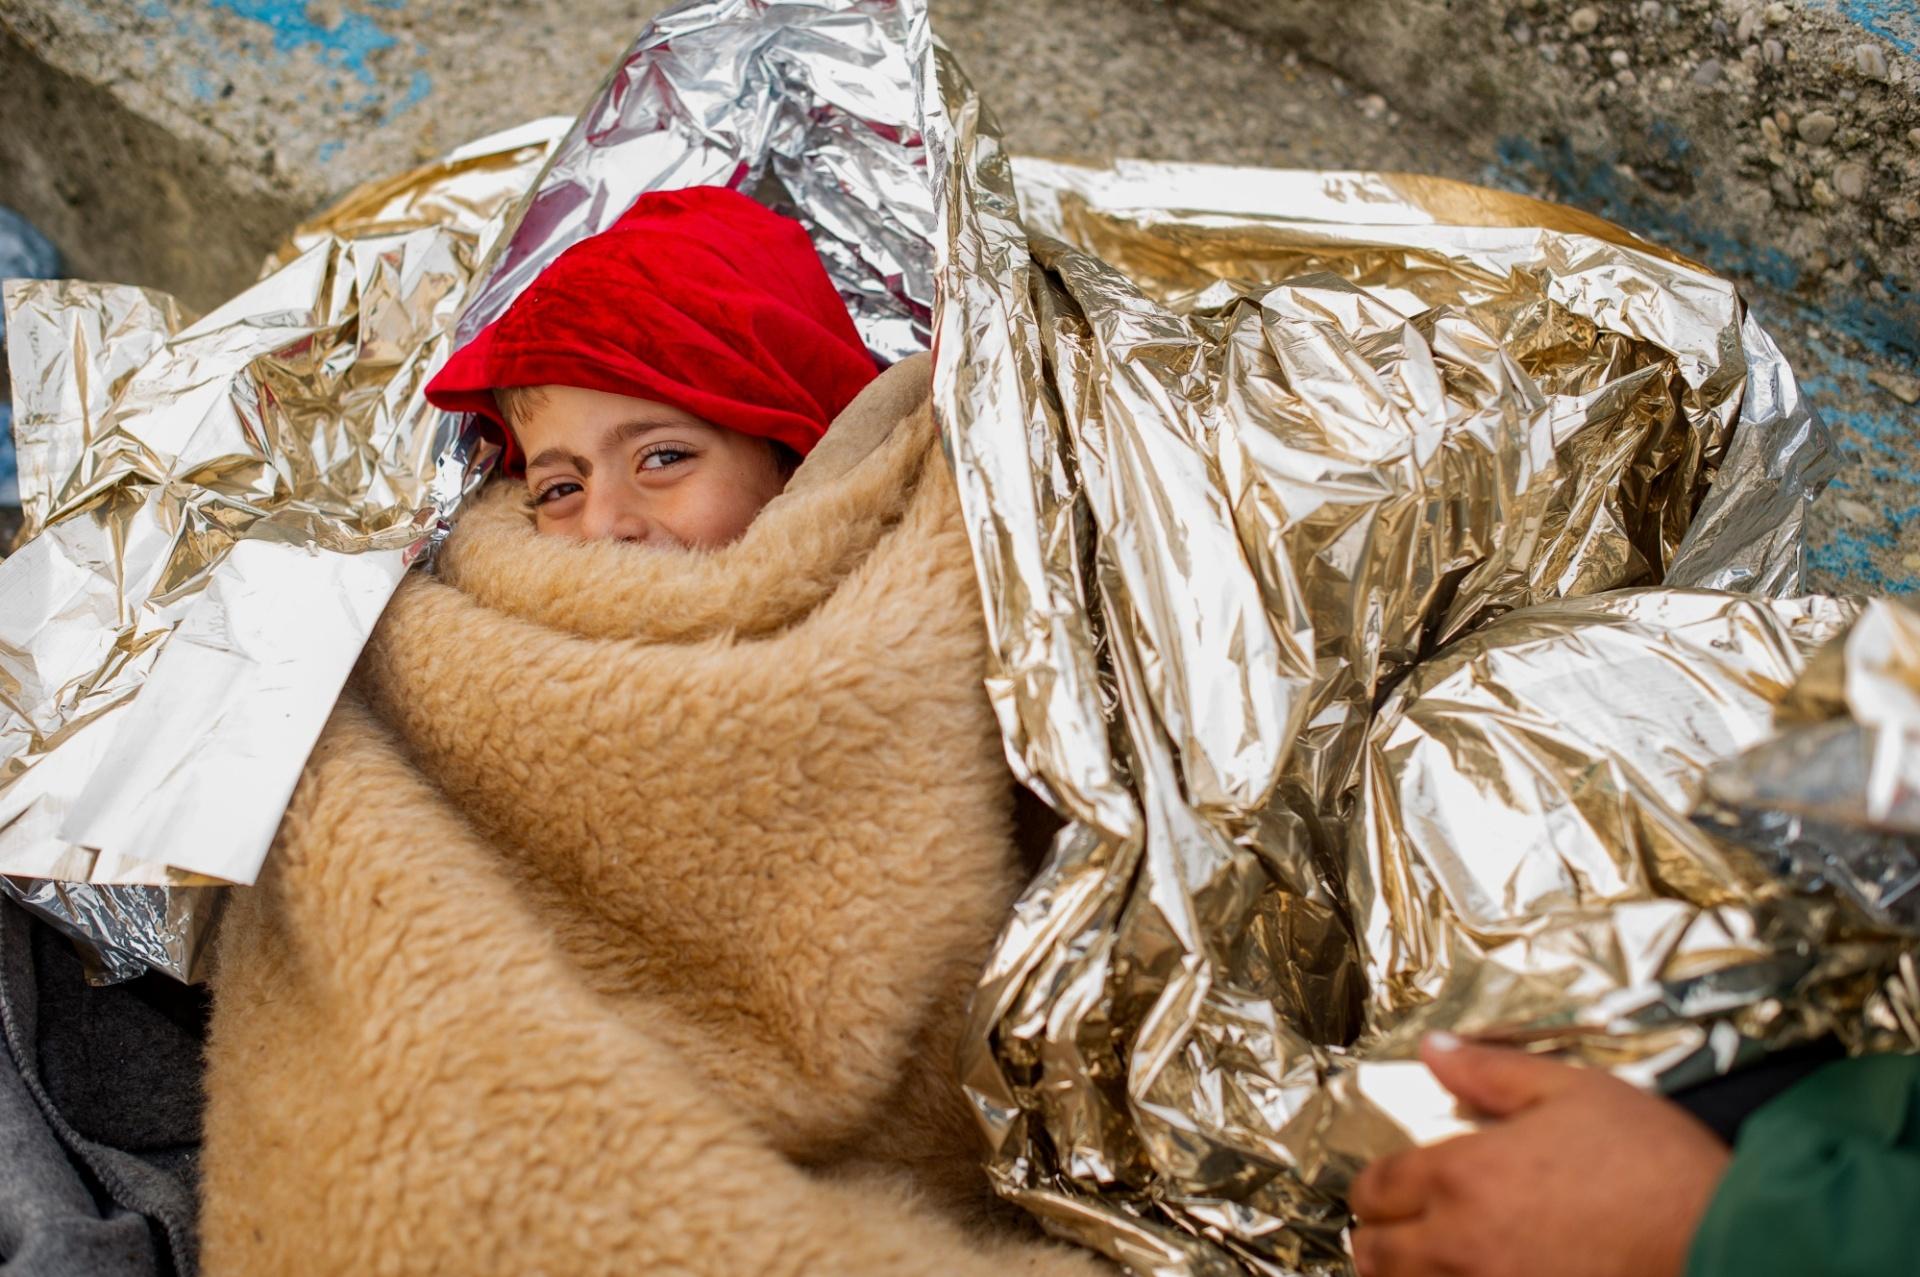 24.out.2015 - Criança embrulhada em cobertores descansa enquanto refugiados esperam para cruzar a fronteira esloveno-austríaca entre em Sentilj e Spielfeld. Cerca de 7.000 imigrantes atravessaram a fronteira para em direção à Áustria desde quinta-feira (22), enquanto cerca de 5.000 ainda esperam em Spielfeld para seguir viagem desde o início de outubro, segundo a polícia